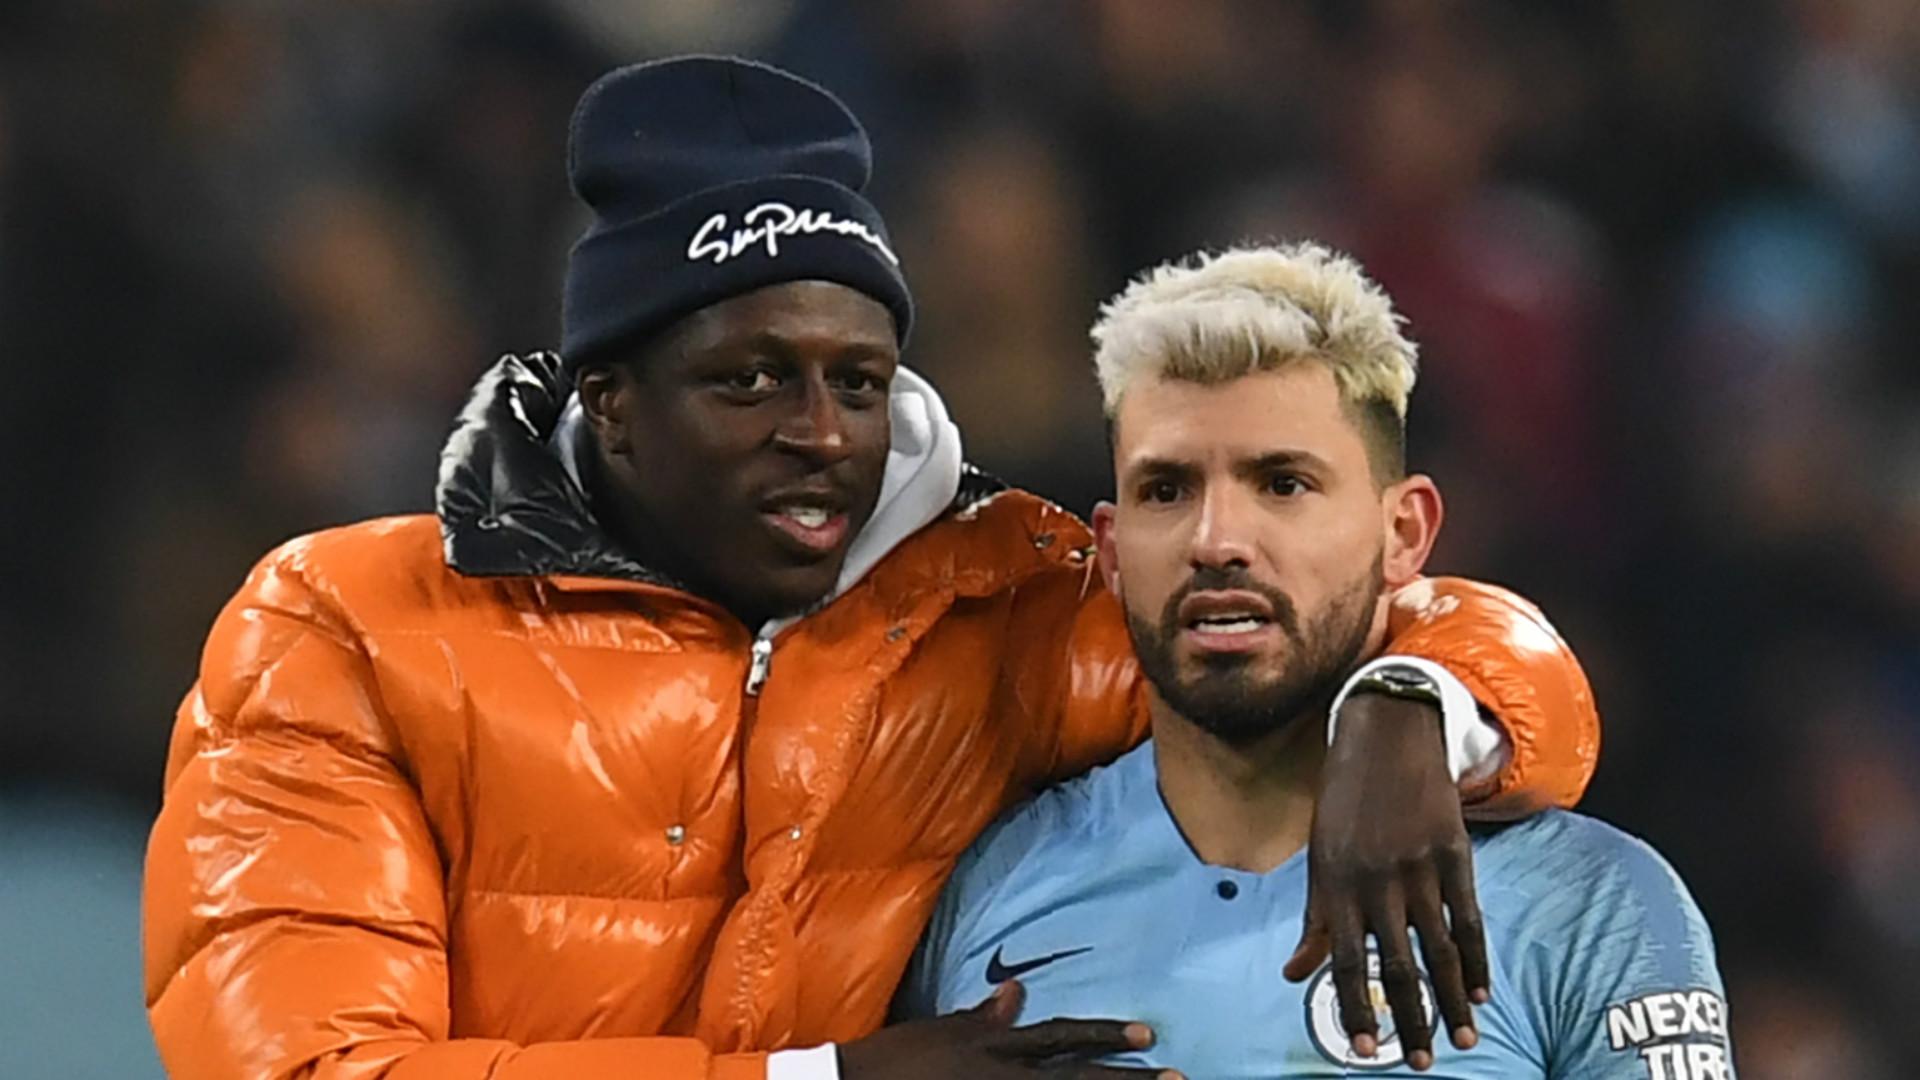 Benjamin Mendy Sergio Aguero Manchester City 2018-19